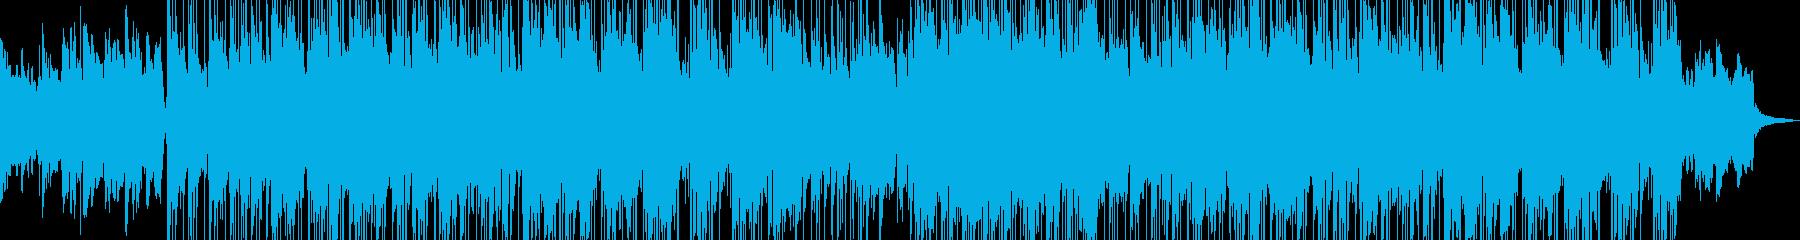 ファンクとジャズのブレンドミュージックの再生済みの波形